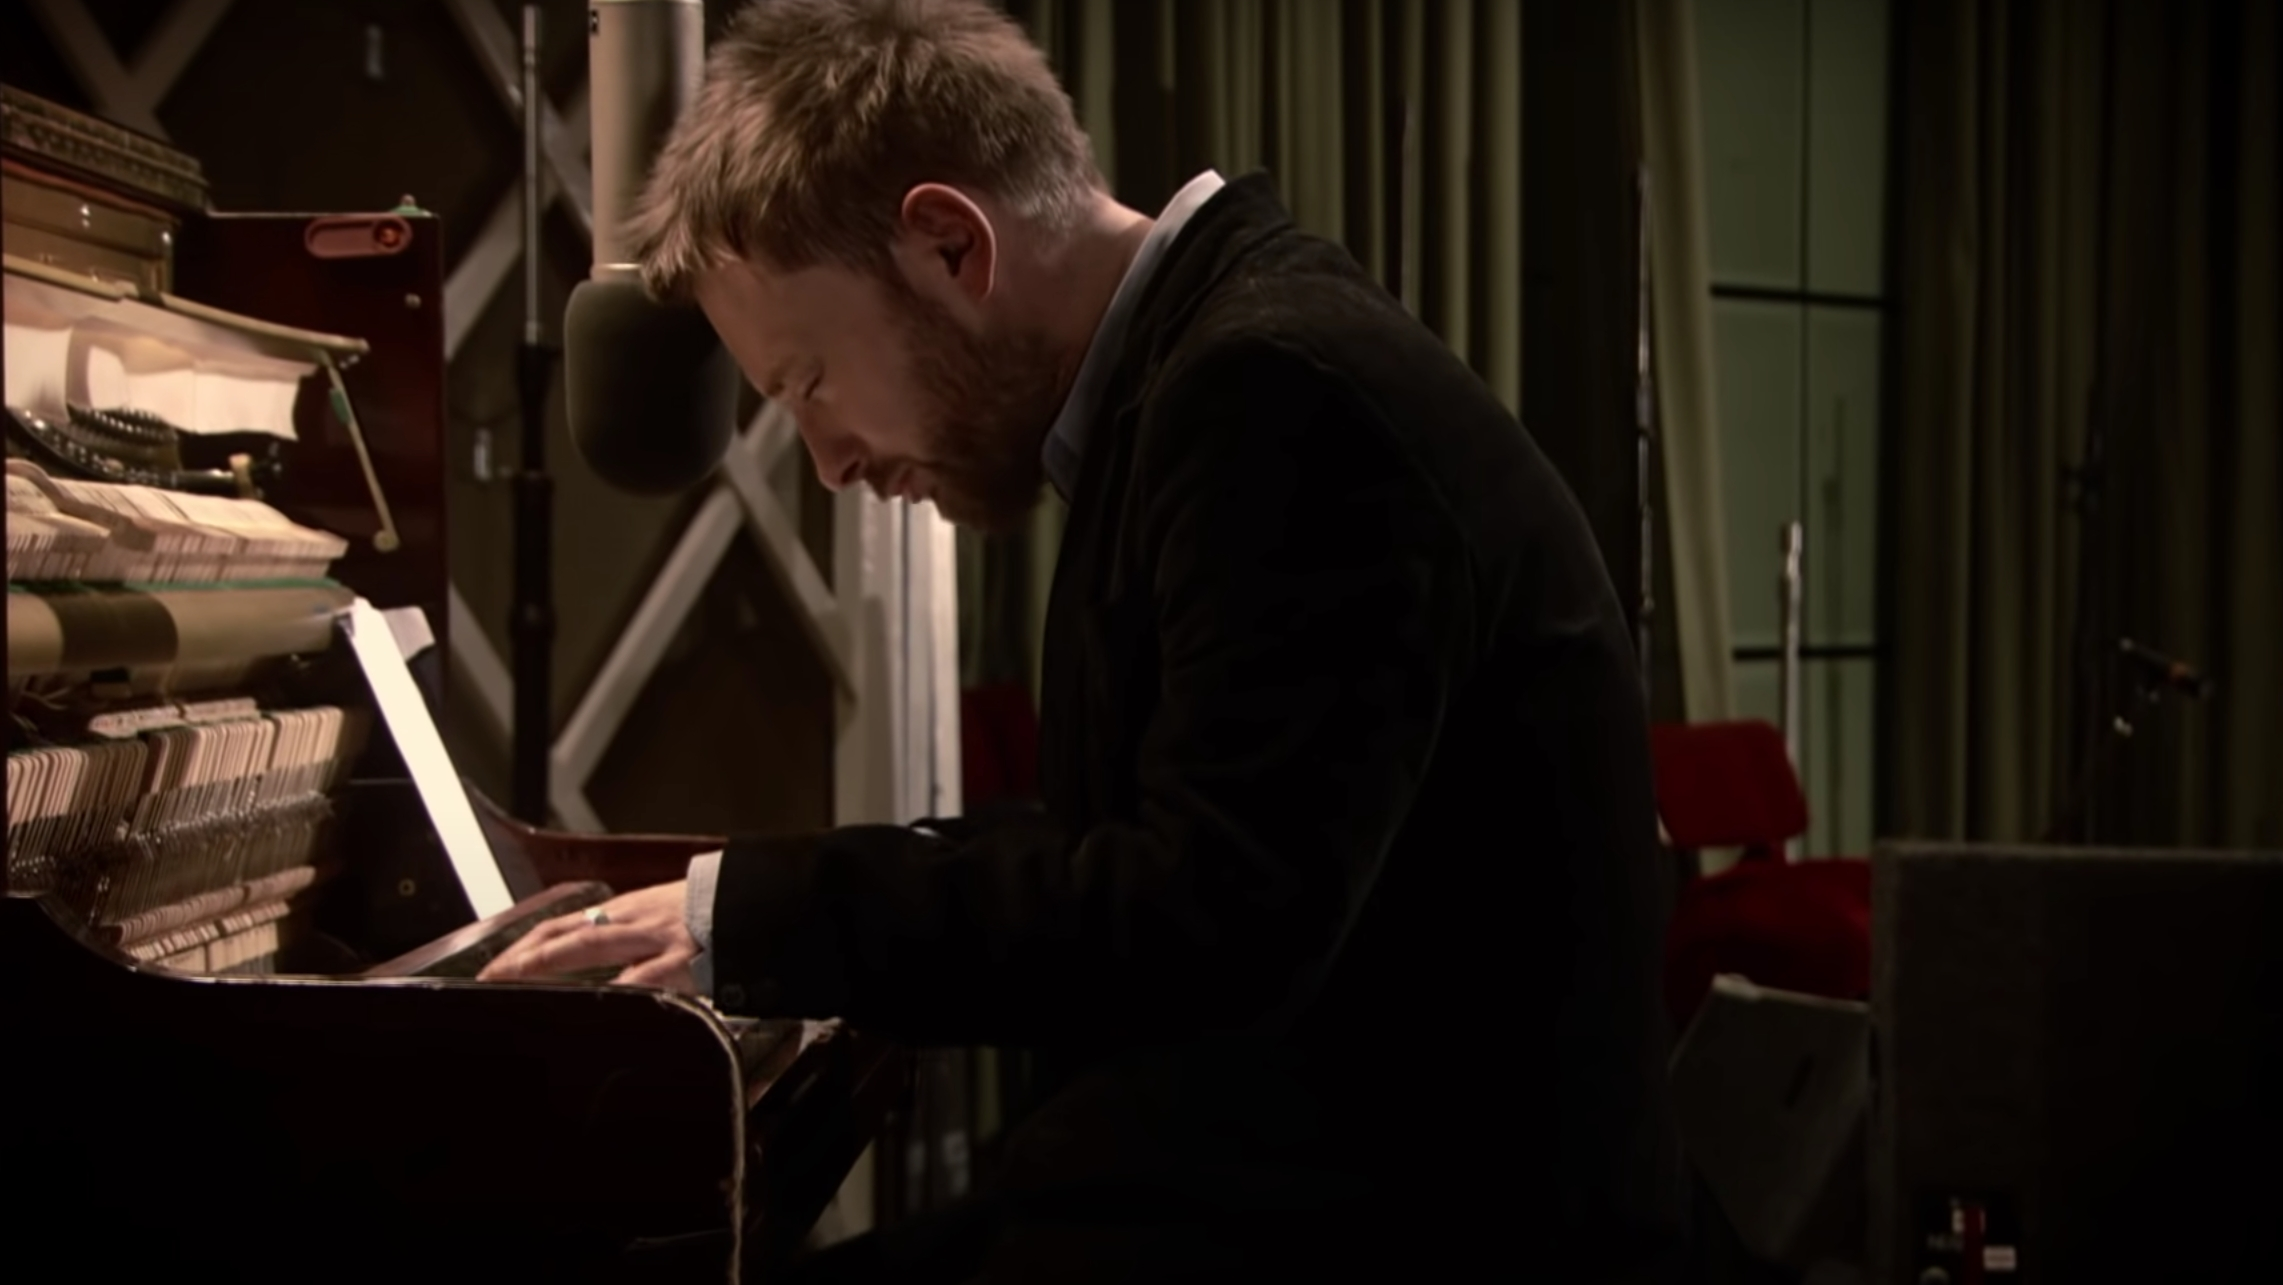 Radiohead-und-Thom-Yorke-Bisher-unver-ffentlichte-Musikvideos-aufgetaucht